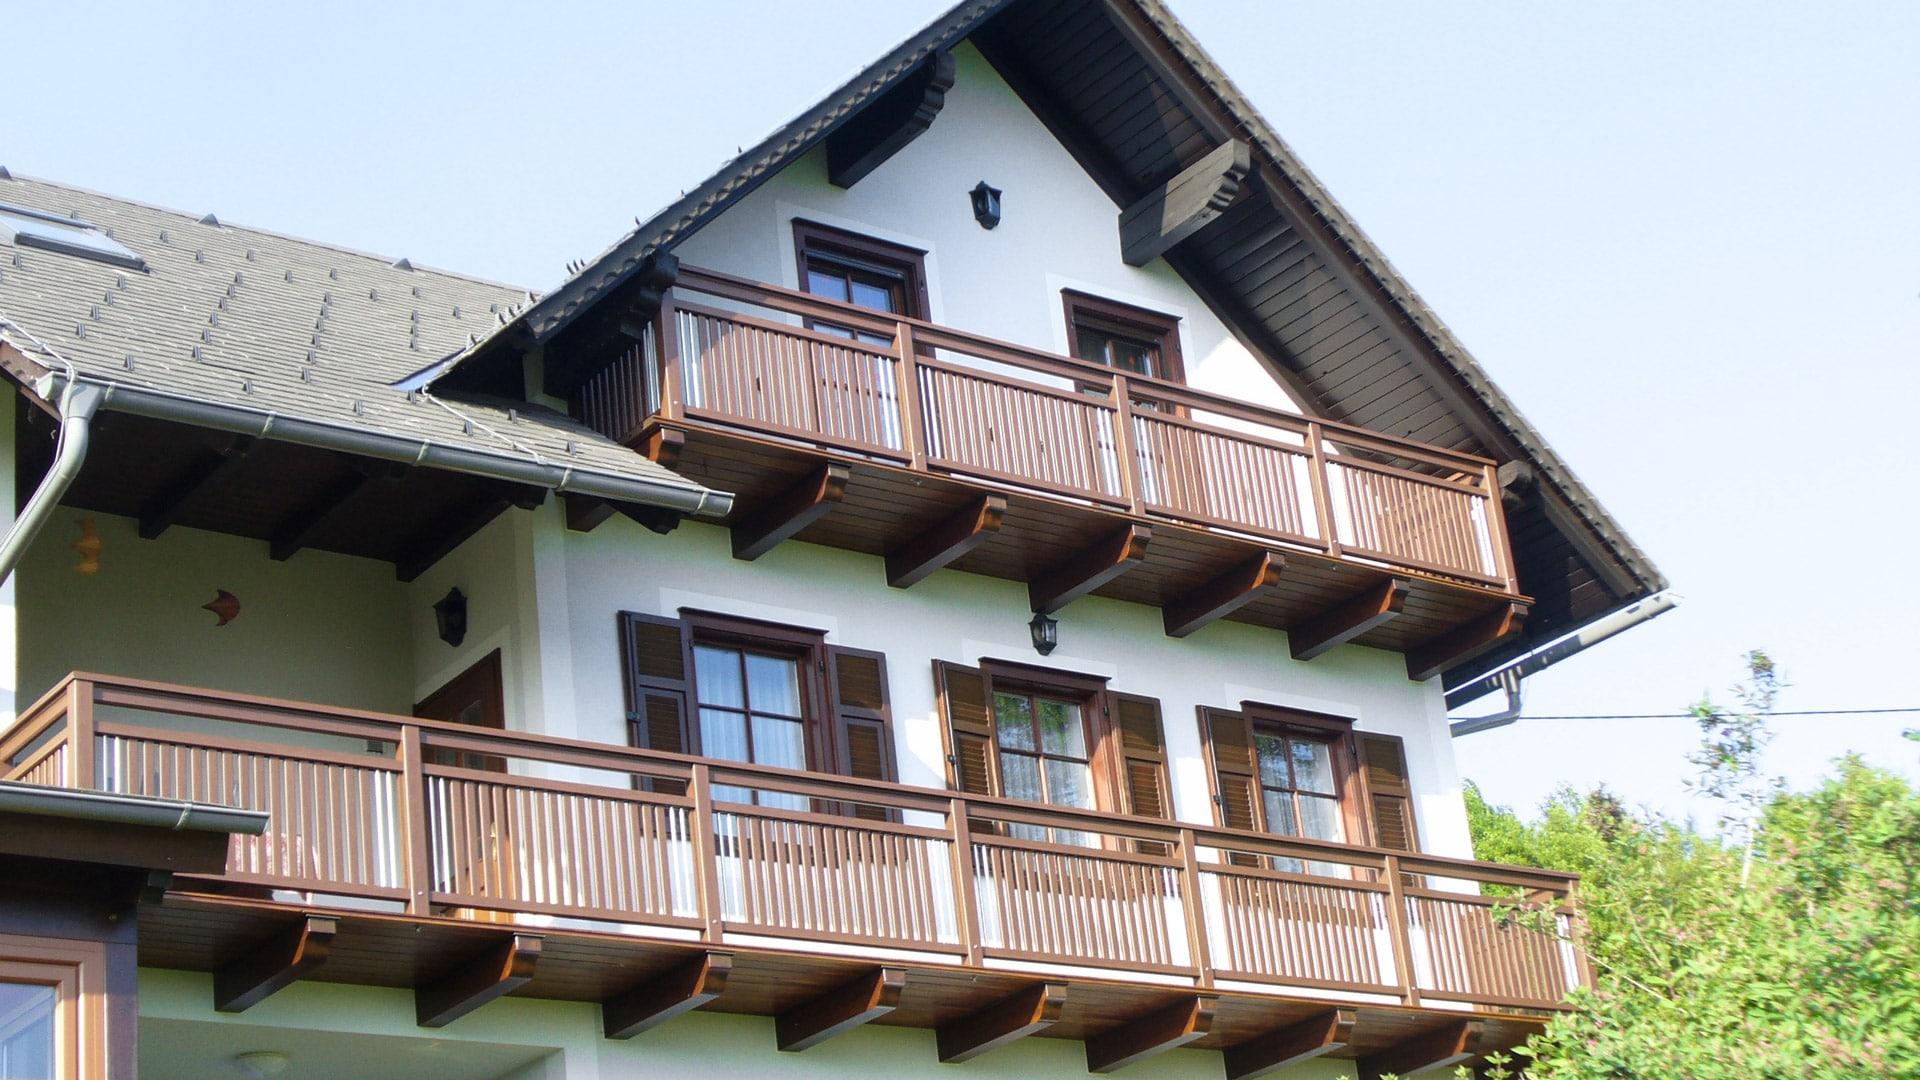 Bad Vöslau 02 H | brauer Alu-Balkon mit senkrechten Alu-Latten und Edelstahl-Dekor-Stäben | Svoboda